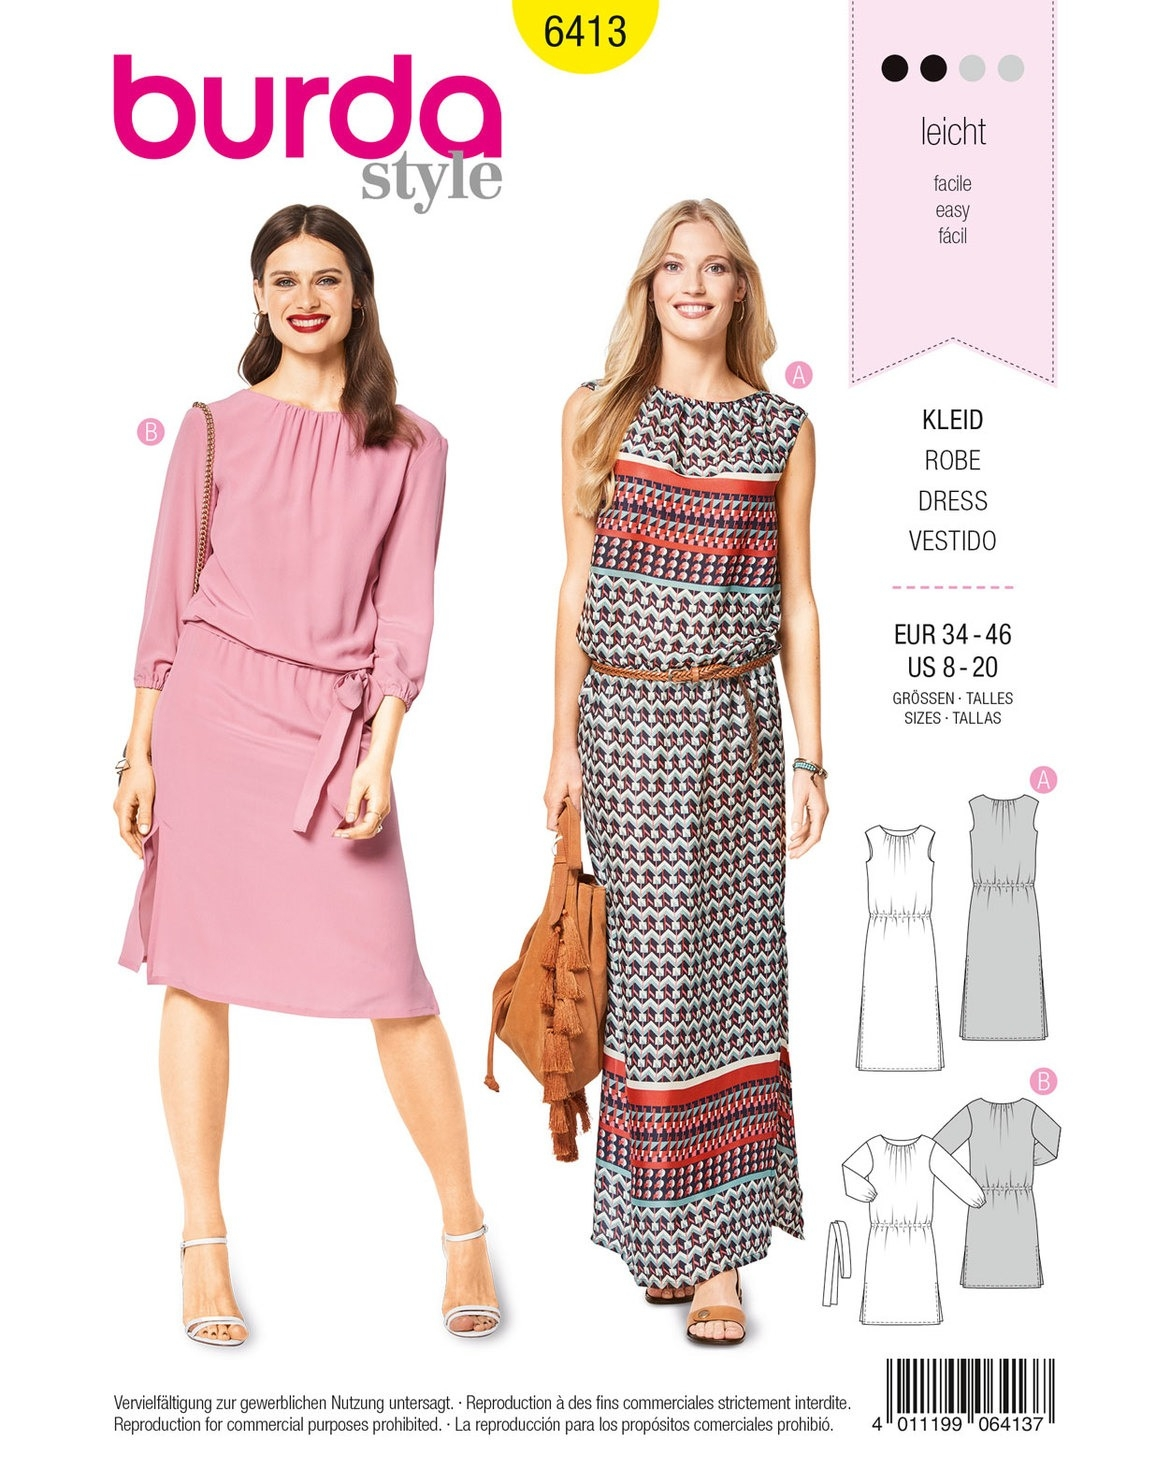 17 Schön Schicke Kleider Größe 46 SpezialgebietFormal Fantastisch Schicke Kleider Größe 46 für 2019